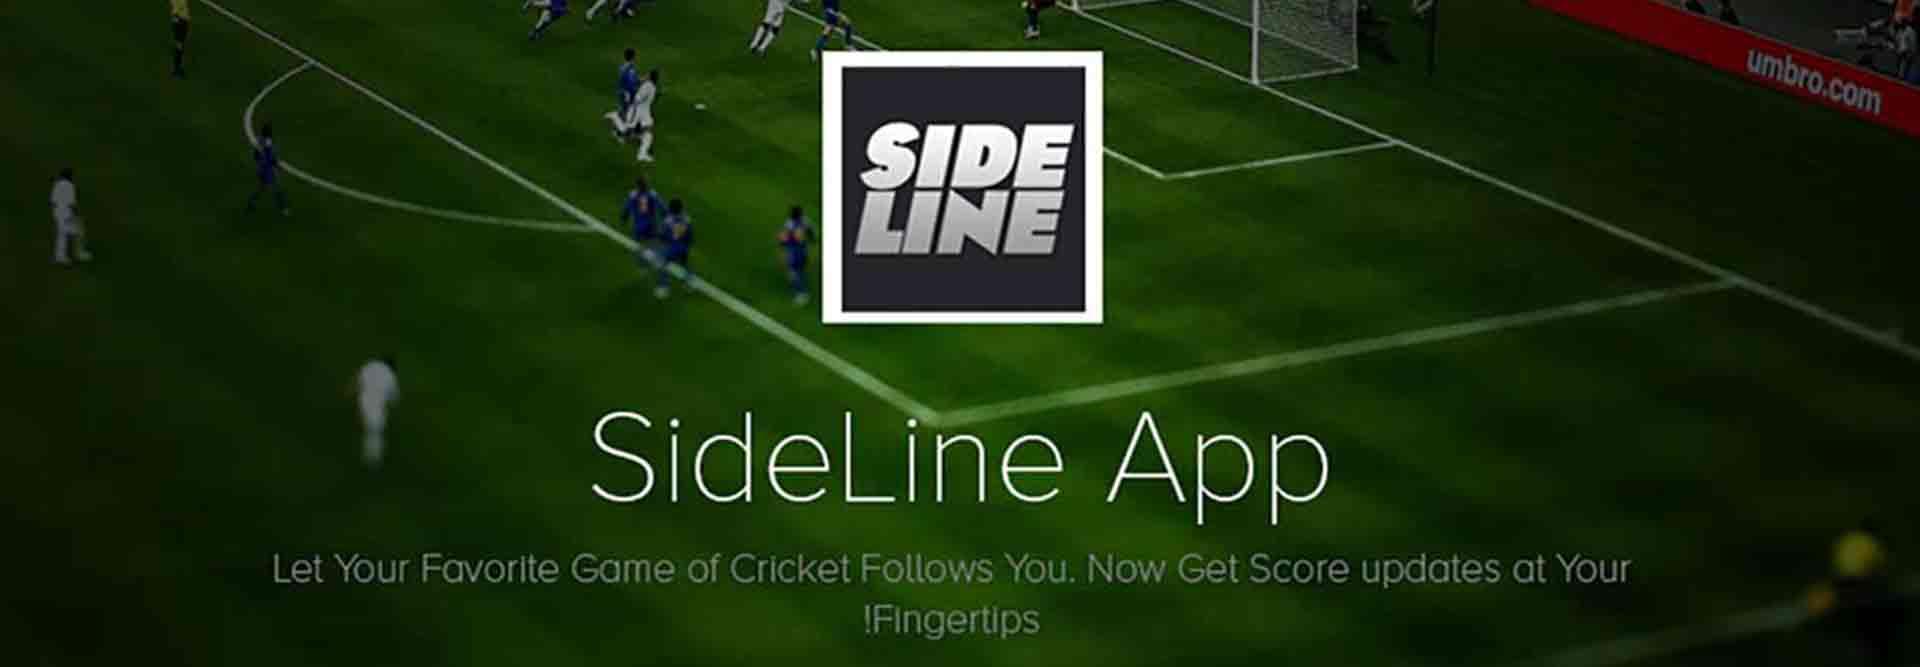 sideline-ban